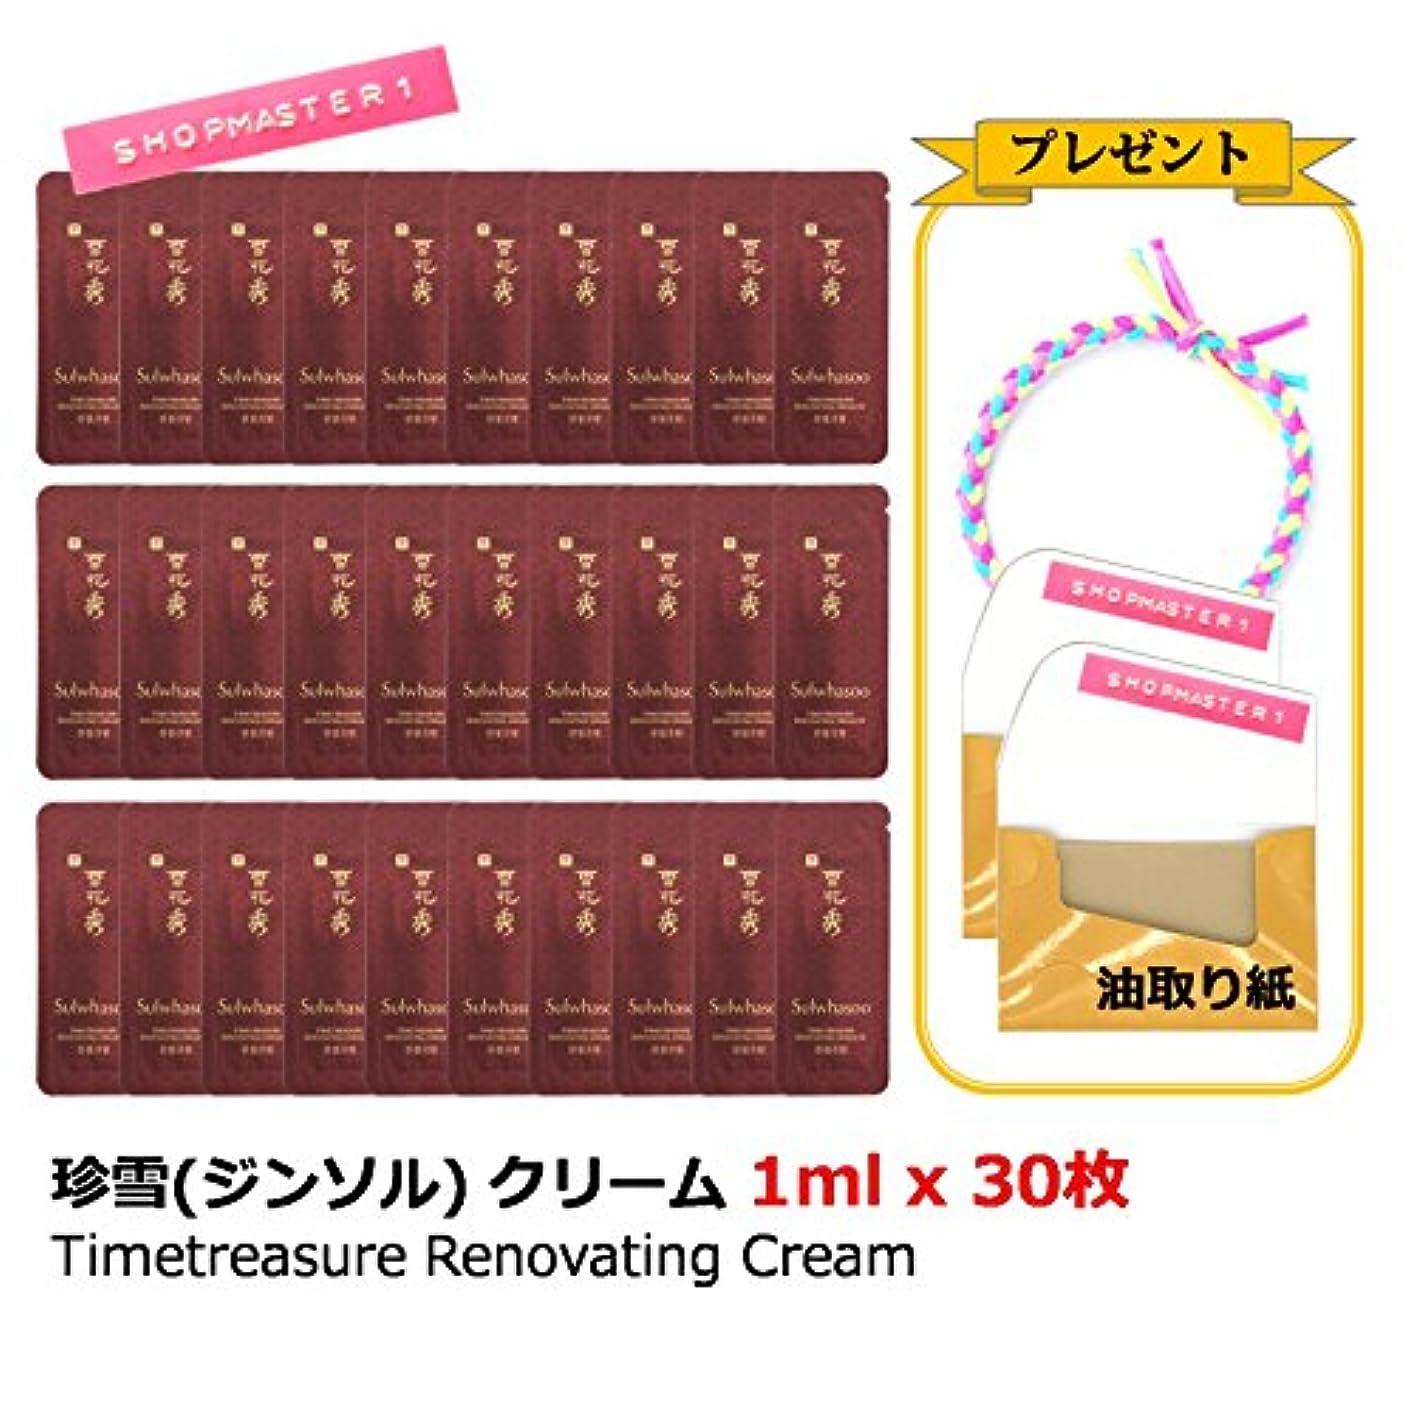 あいまいバイソントピック【Sulwhasoo ソルファス】珍雪(ジンソル) クリーム 1ml x 30枚 Timetreasure Renovating Cream/プレゼント 油取り紙 2個(30枚ずつ)、ヘアタイ/海外直配送